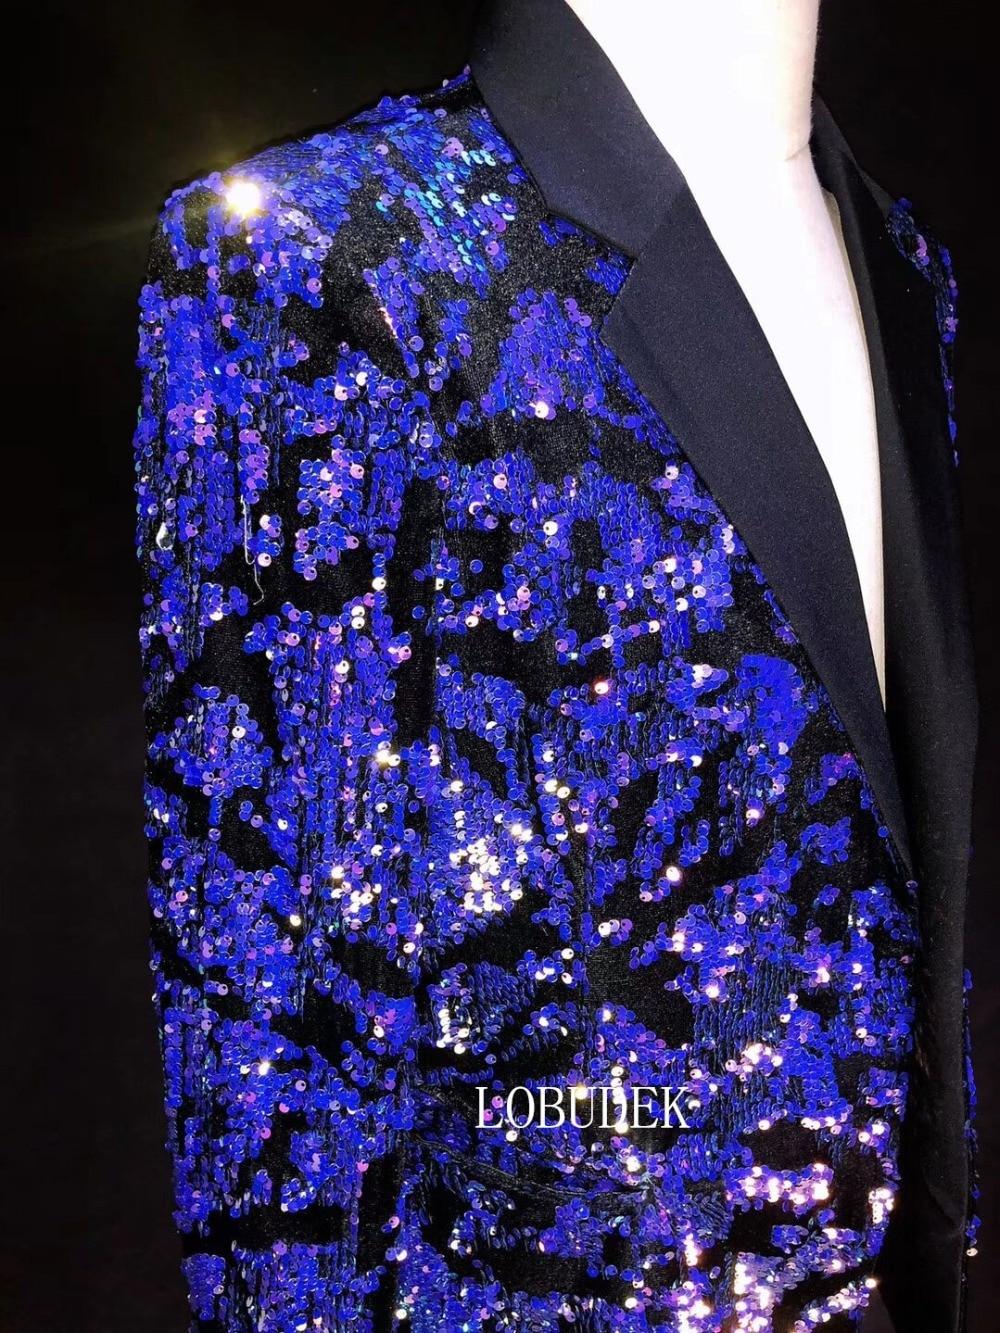 Brillante Blu Viola Paillettes Giacche dell'abito di Modo degli uomini del Rivestimento Sottile Giacche Cappotto Maschile Cantante di Nightclub Abbigliamento Host Mostra Costume - 5